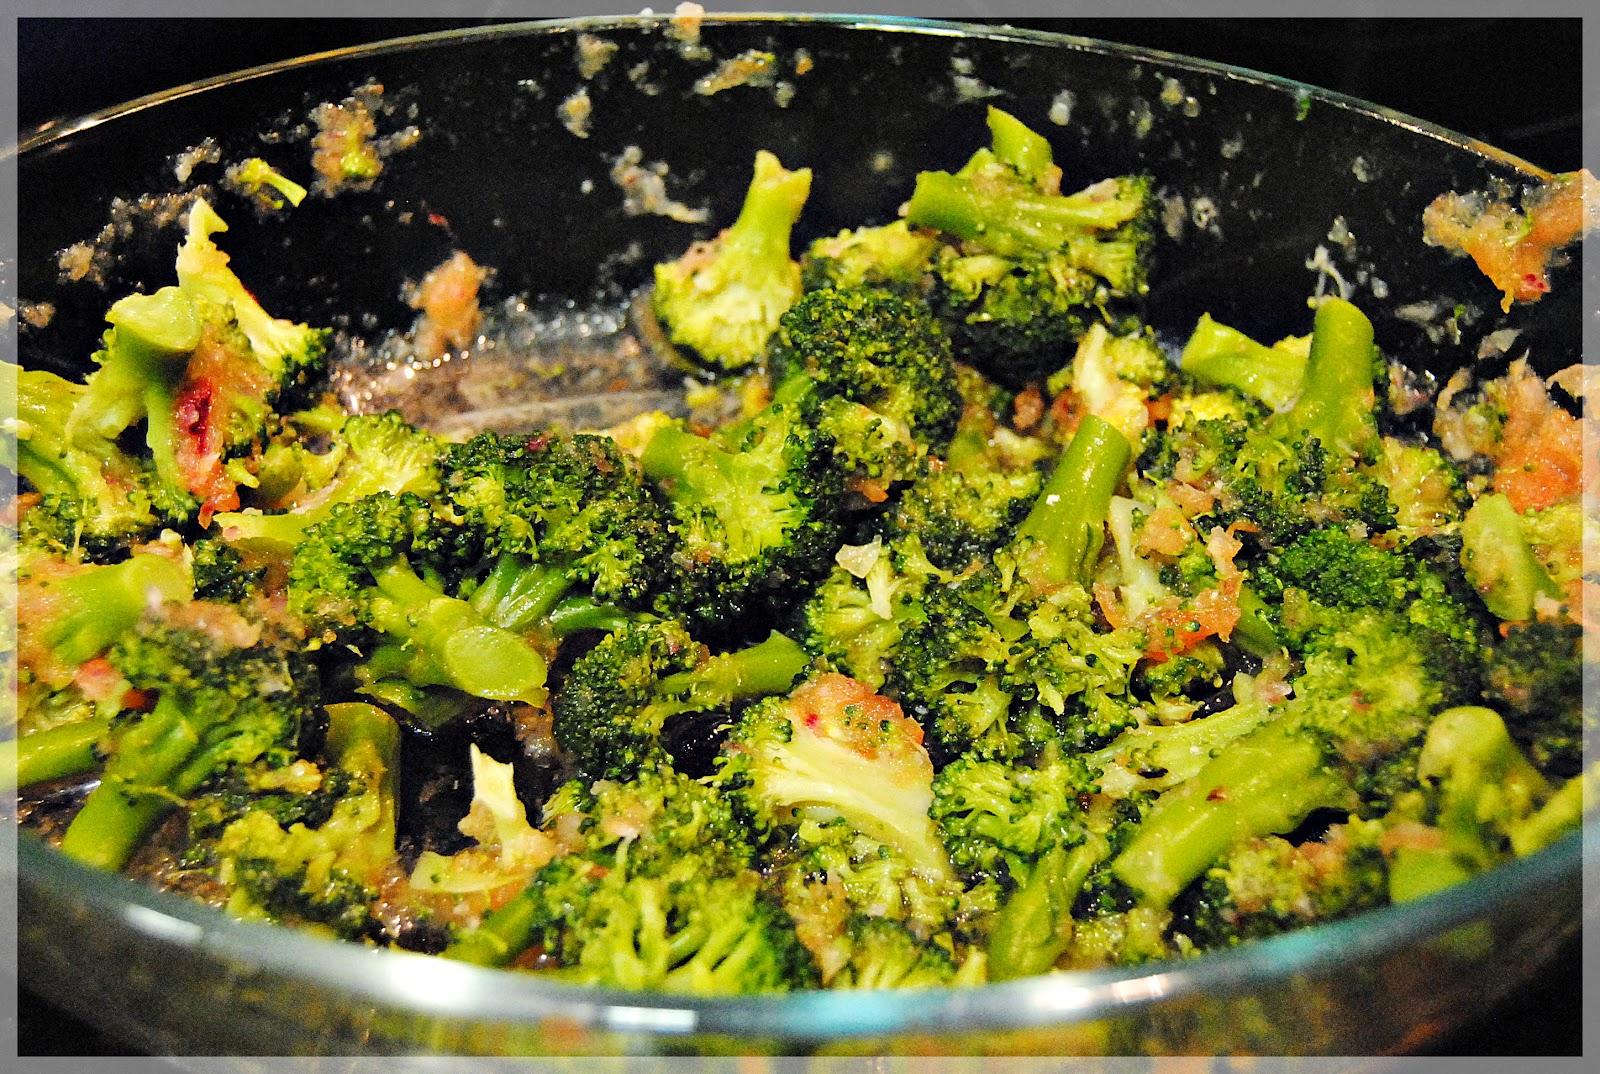 Como Cocinar Brocoli Hervido | A Comer Cosas Ricas Receta Express Brocoli Al Vapor Con Alino